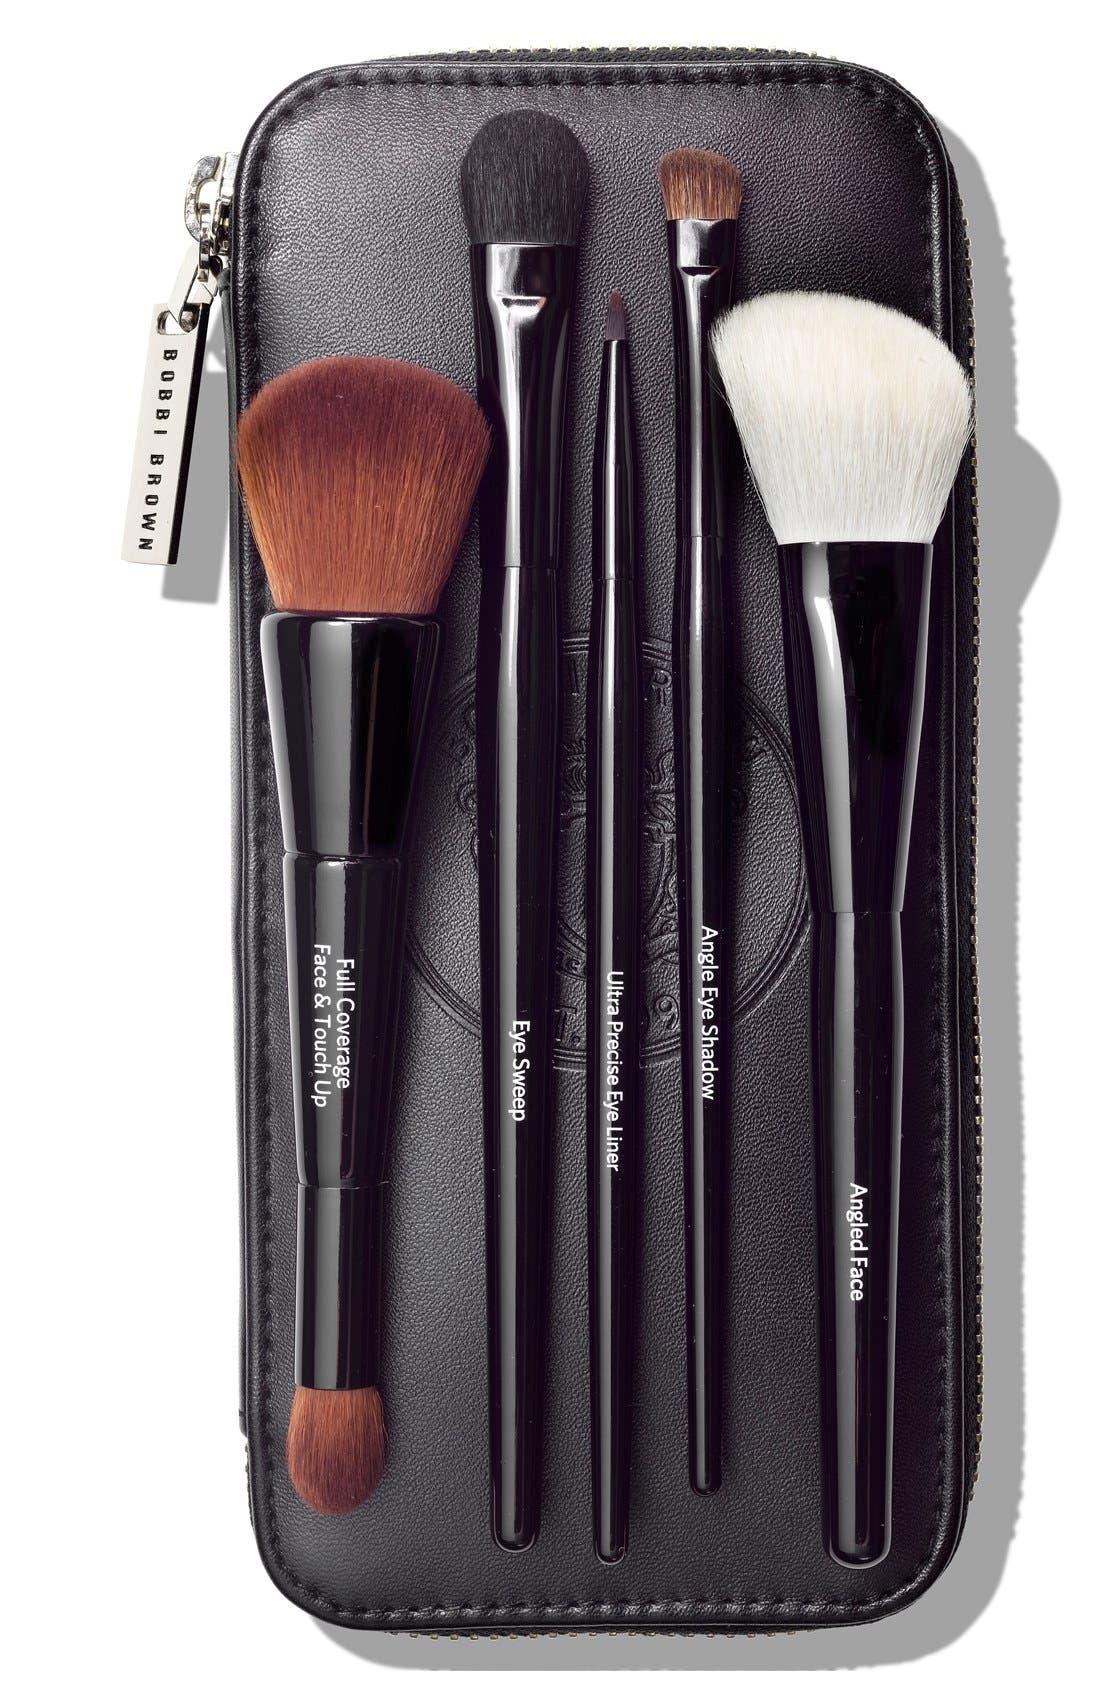 'Bobbi on Trend - Full-Size Brushes' Set,                             Main thumbnail 1, color,                             000